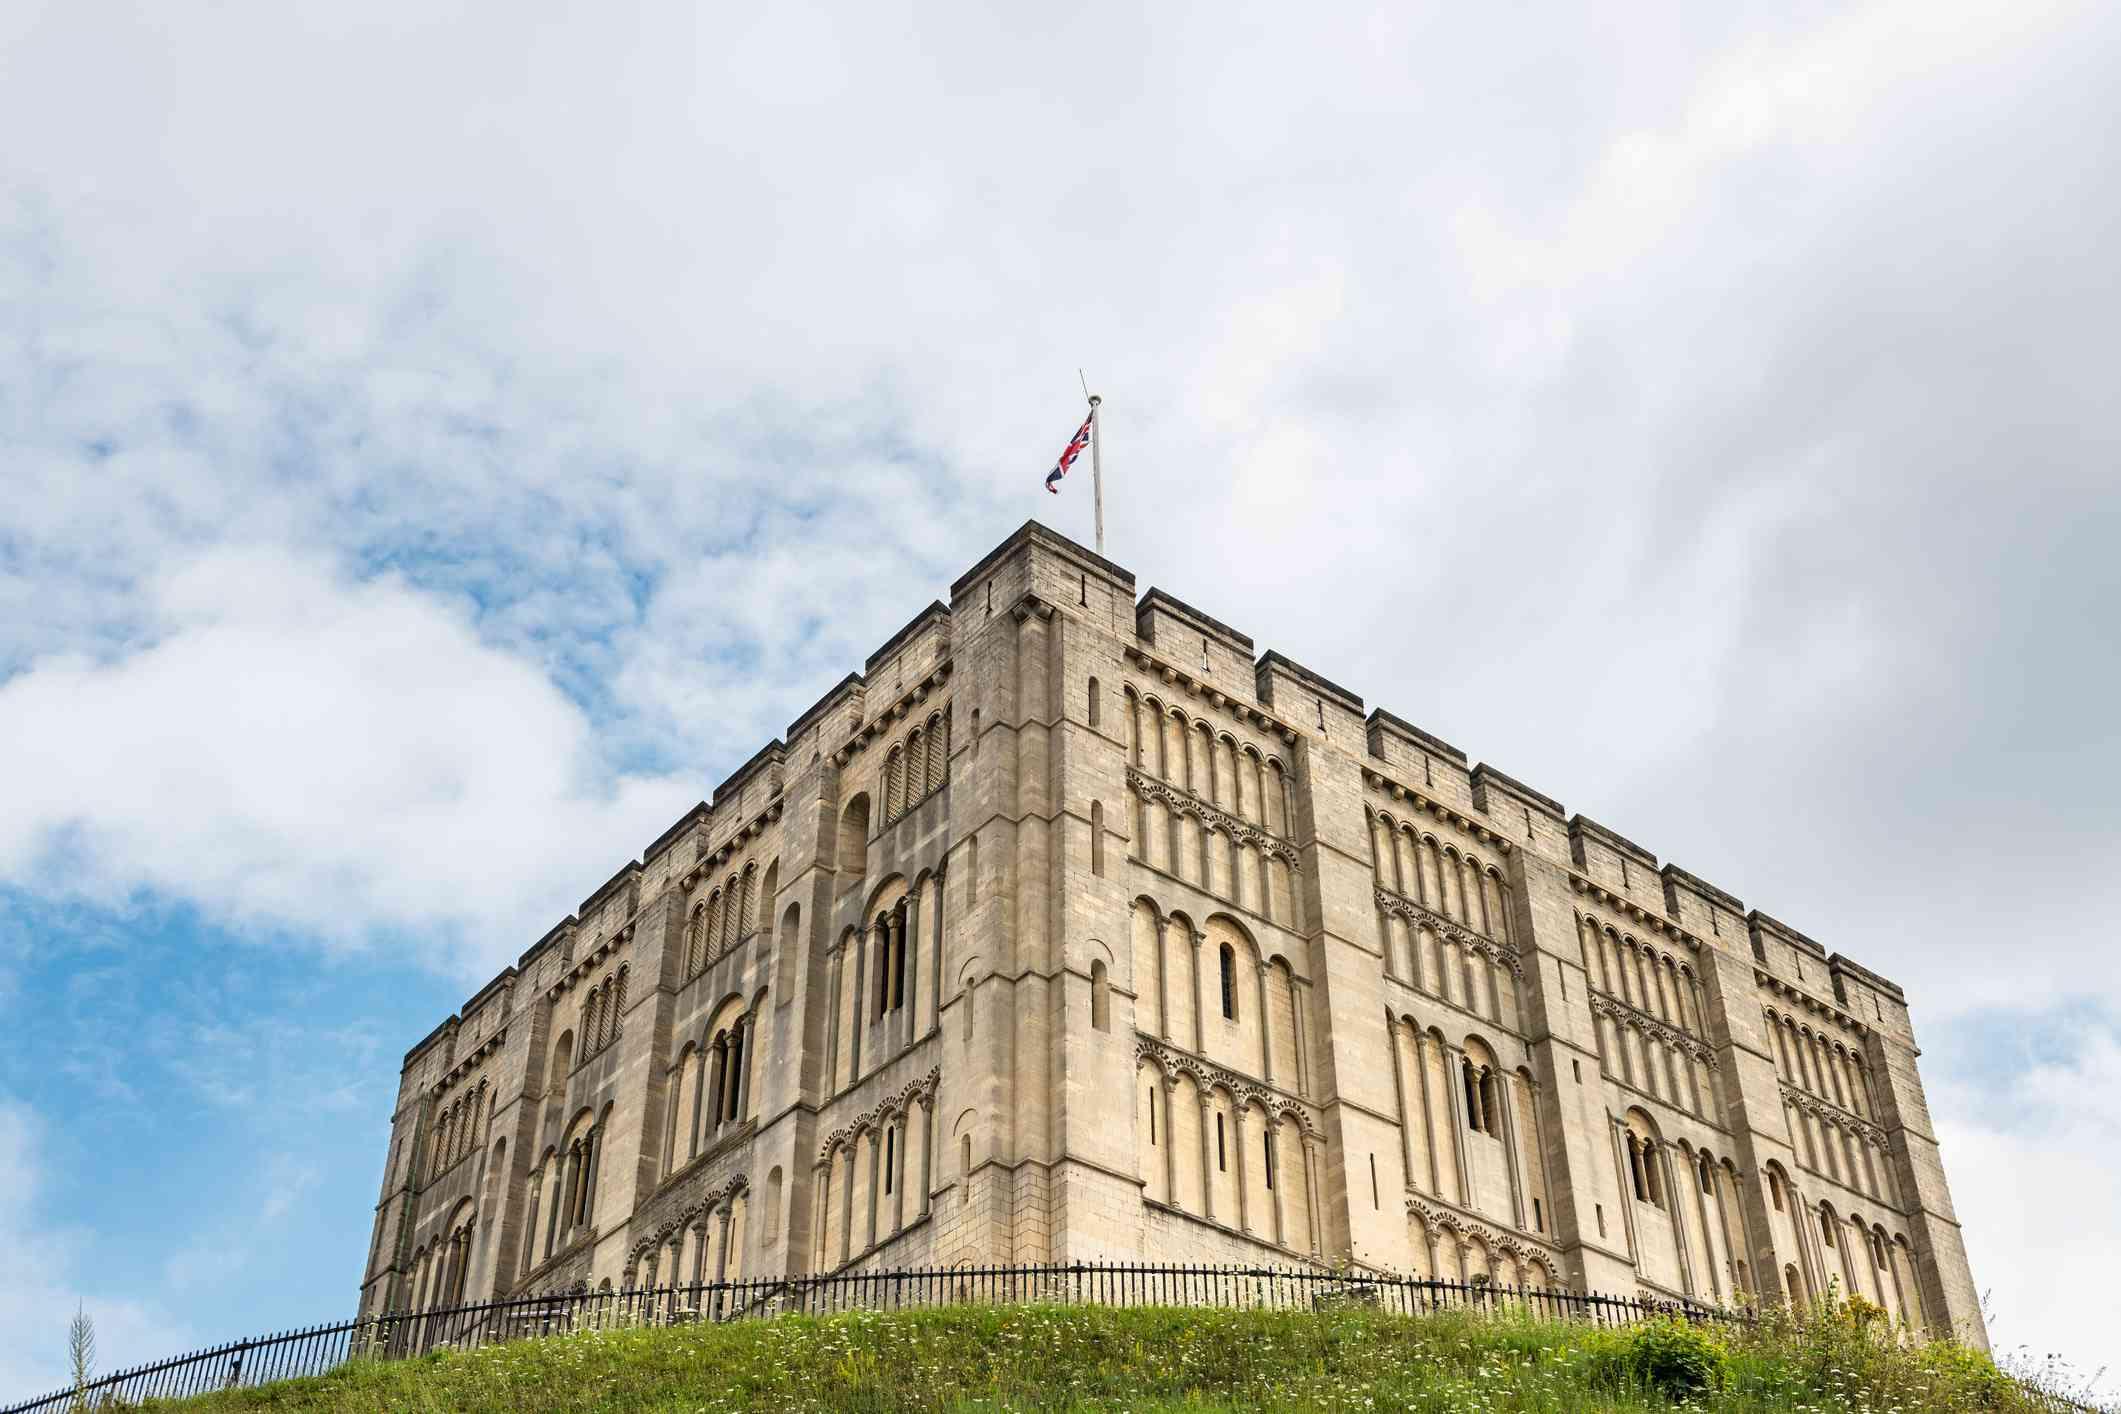 Norwich Castle in England